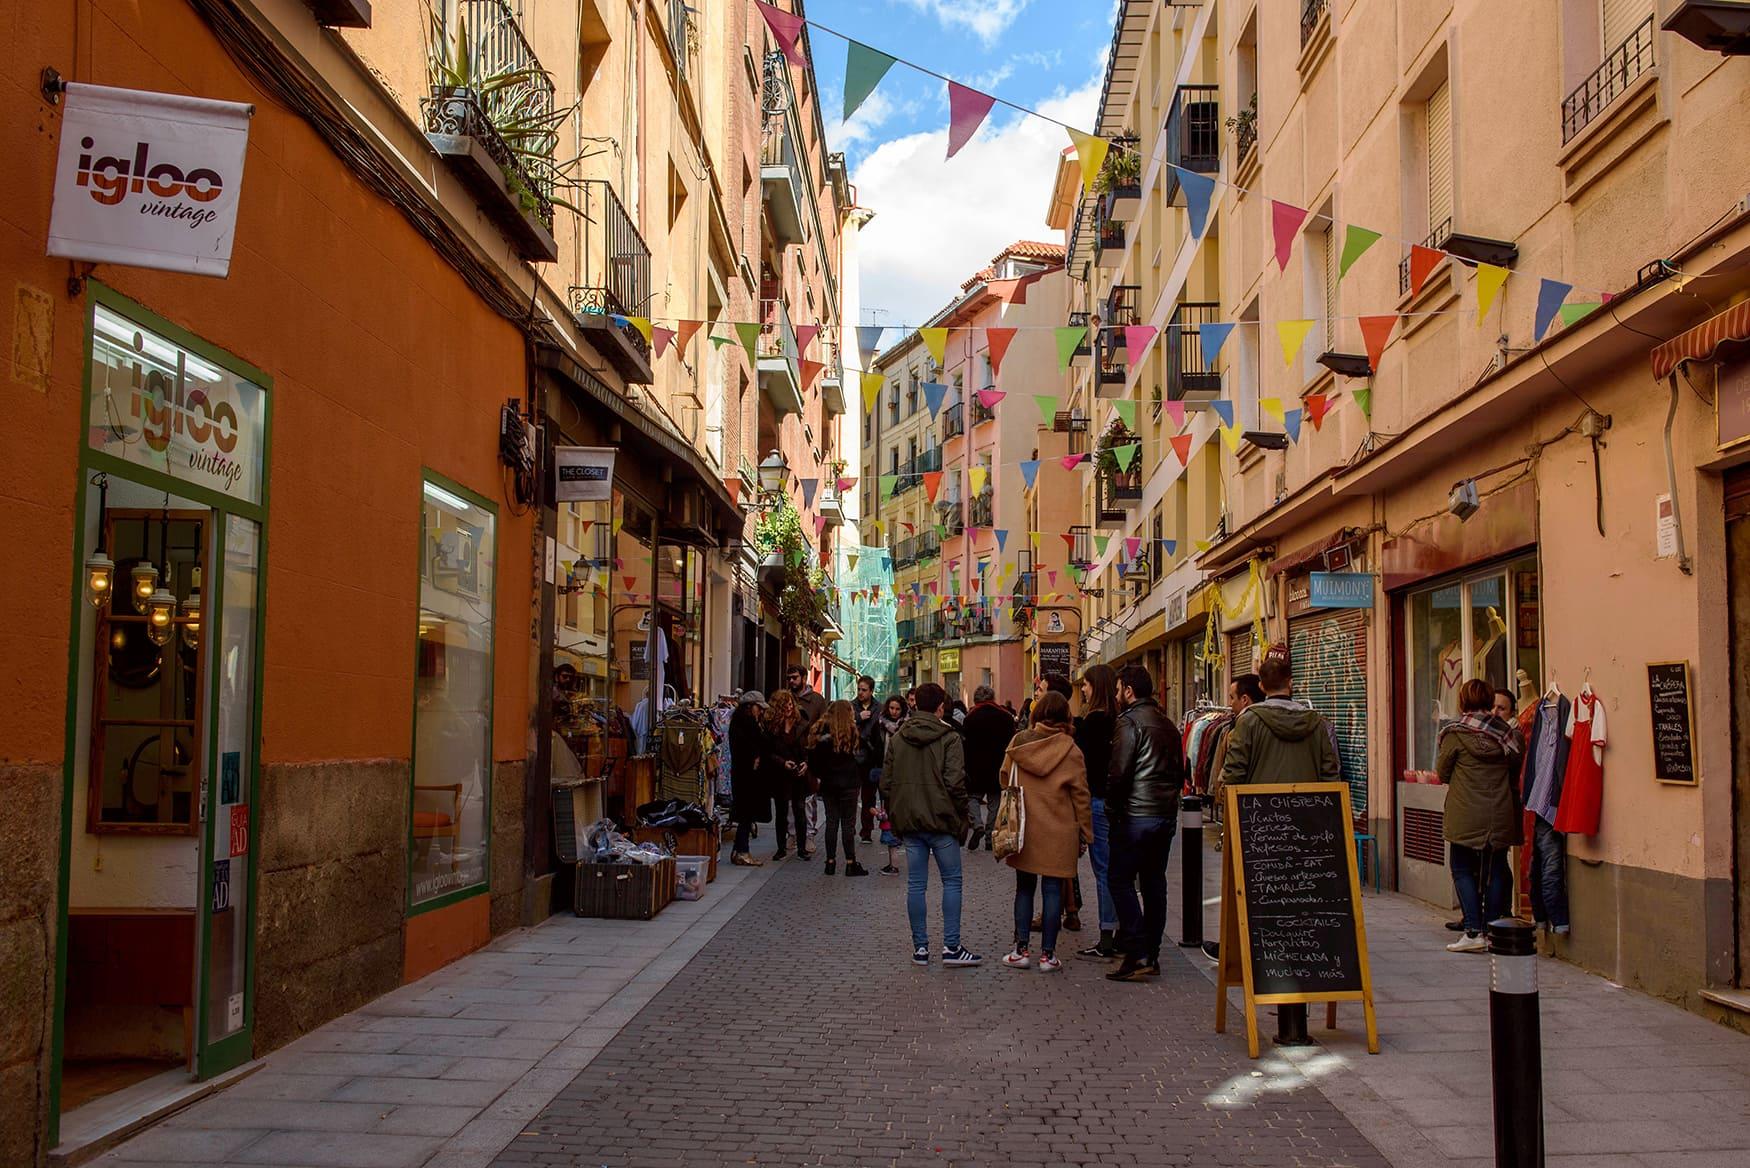 Menschen in kleiner Gasse in Madrid, nahe Flohmarkt